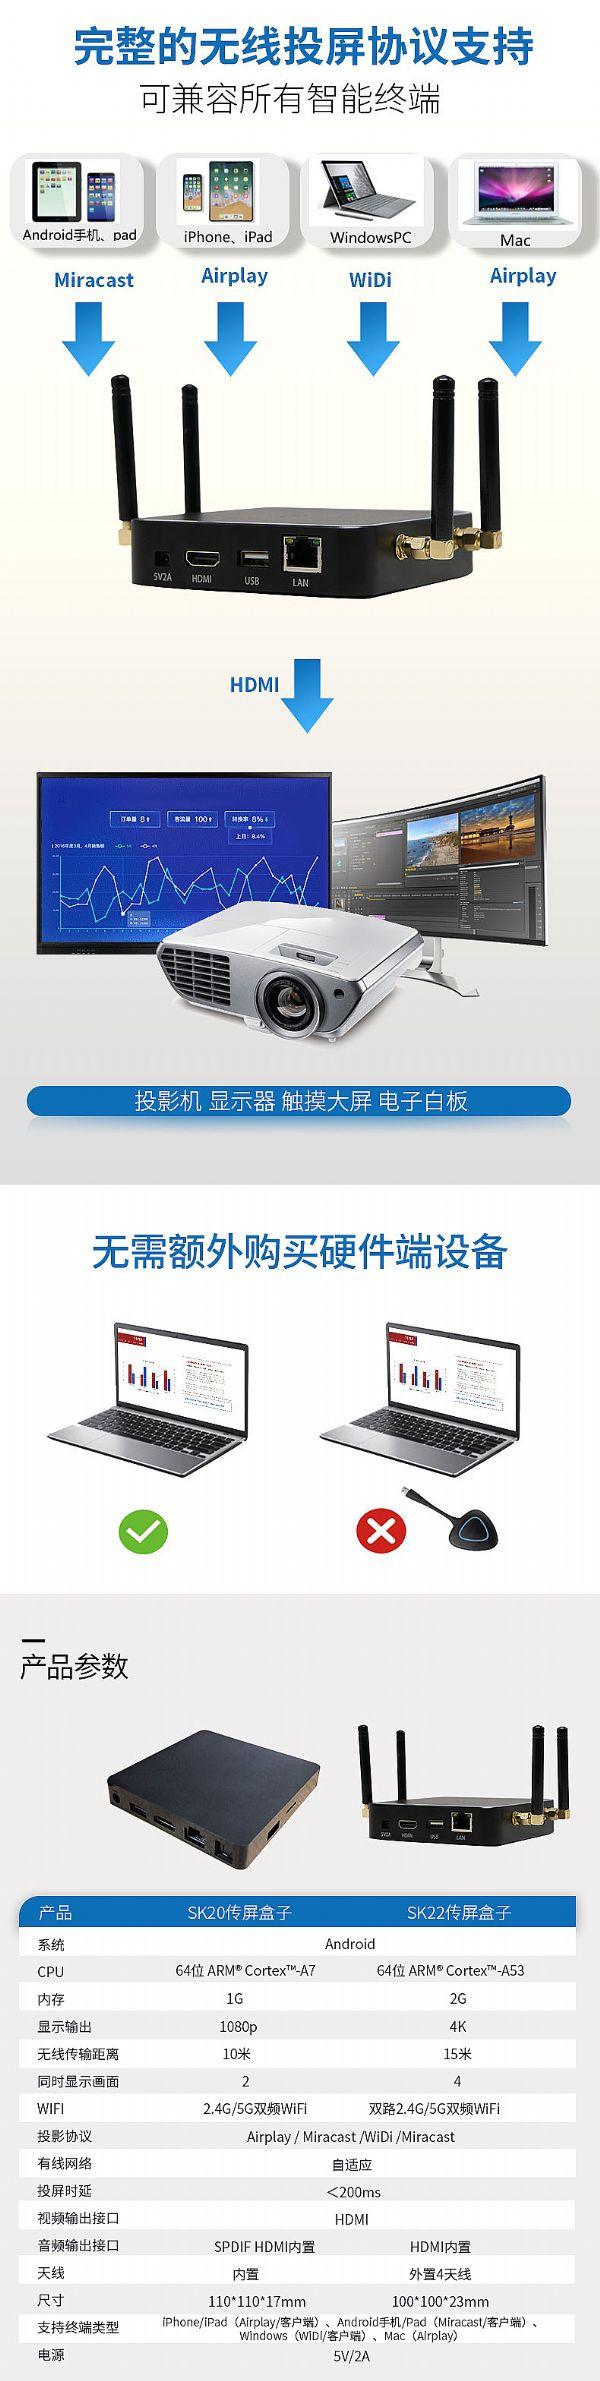 企业级无线传输盒子佐西卡SK20与SK22新品登场